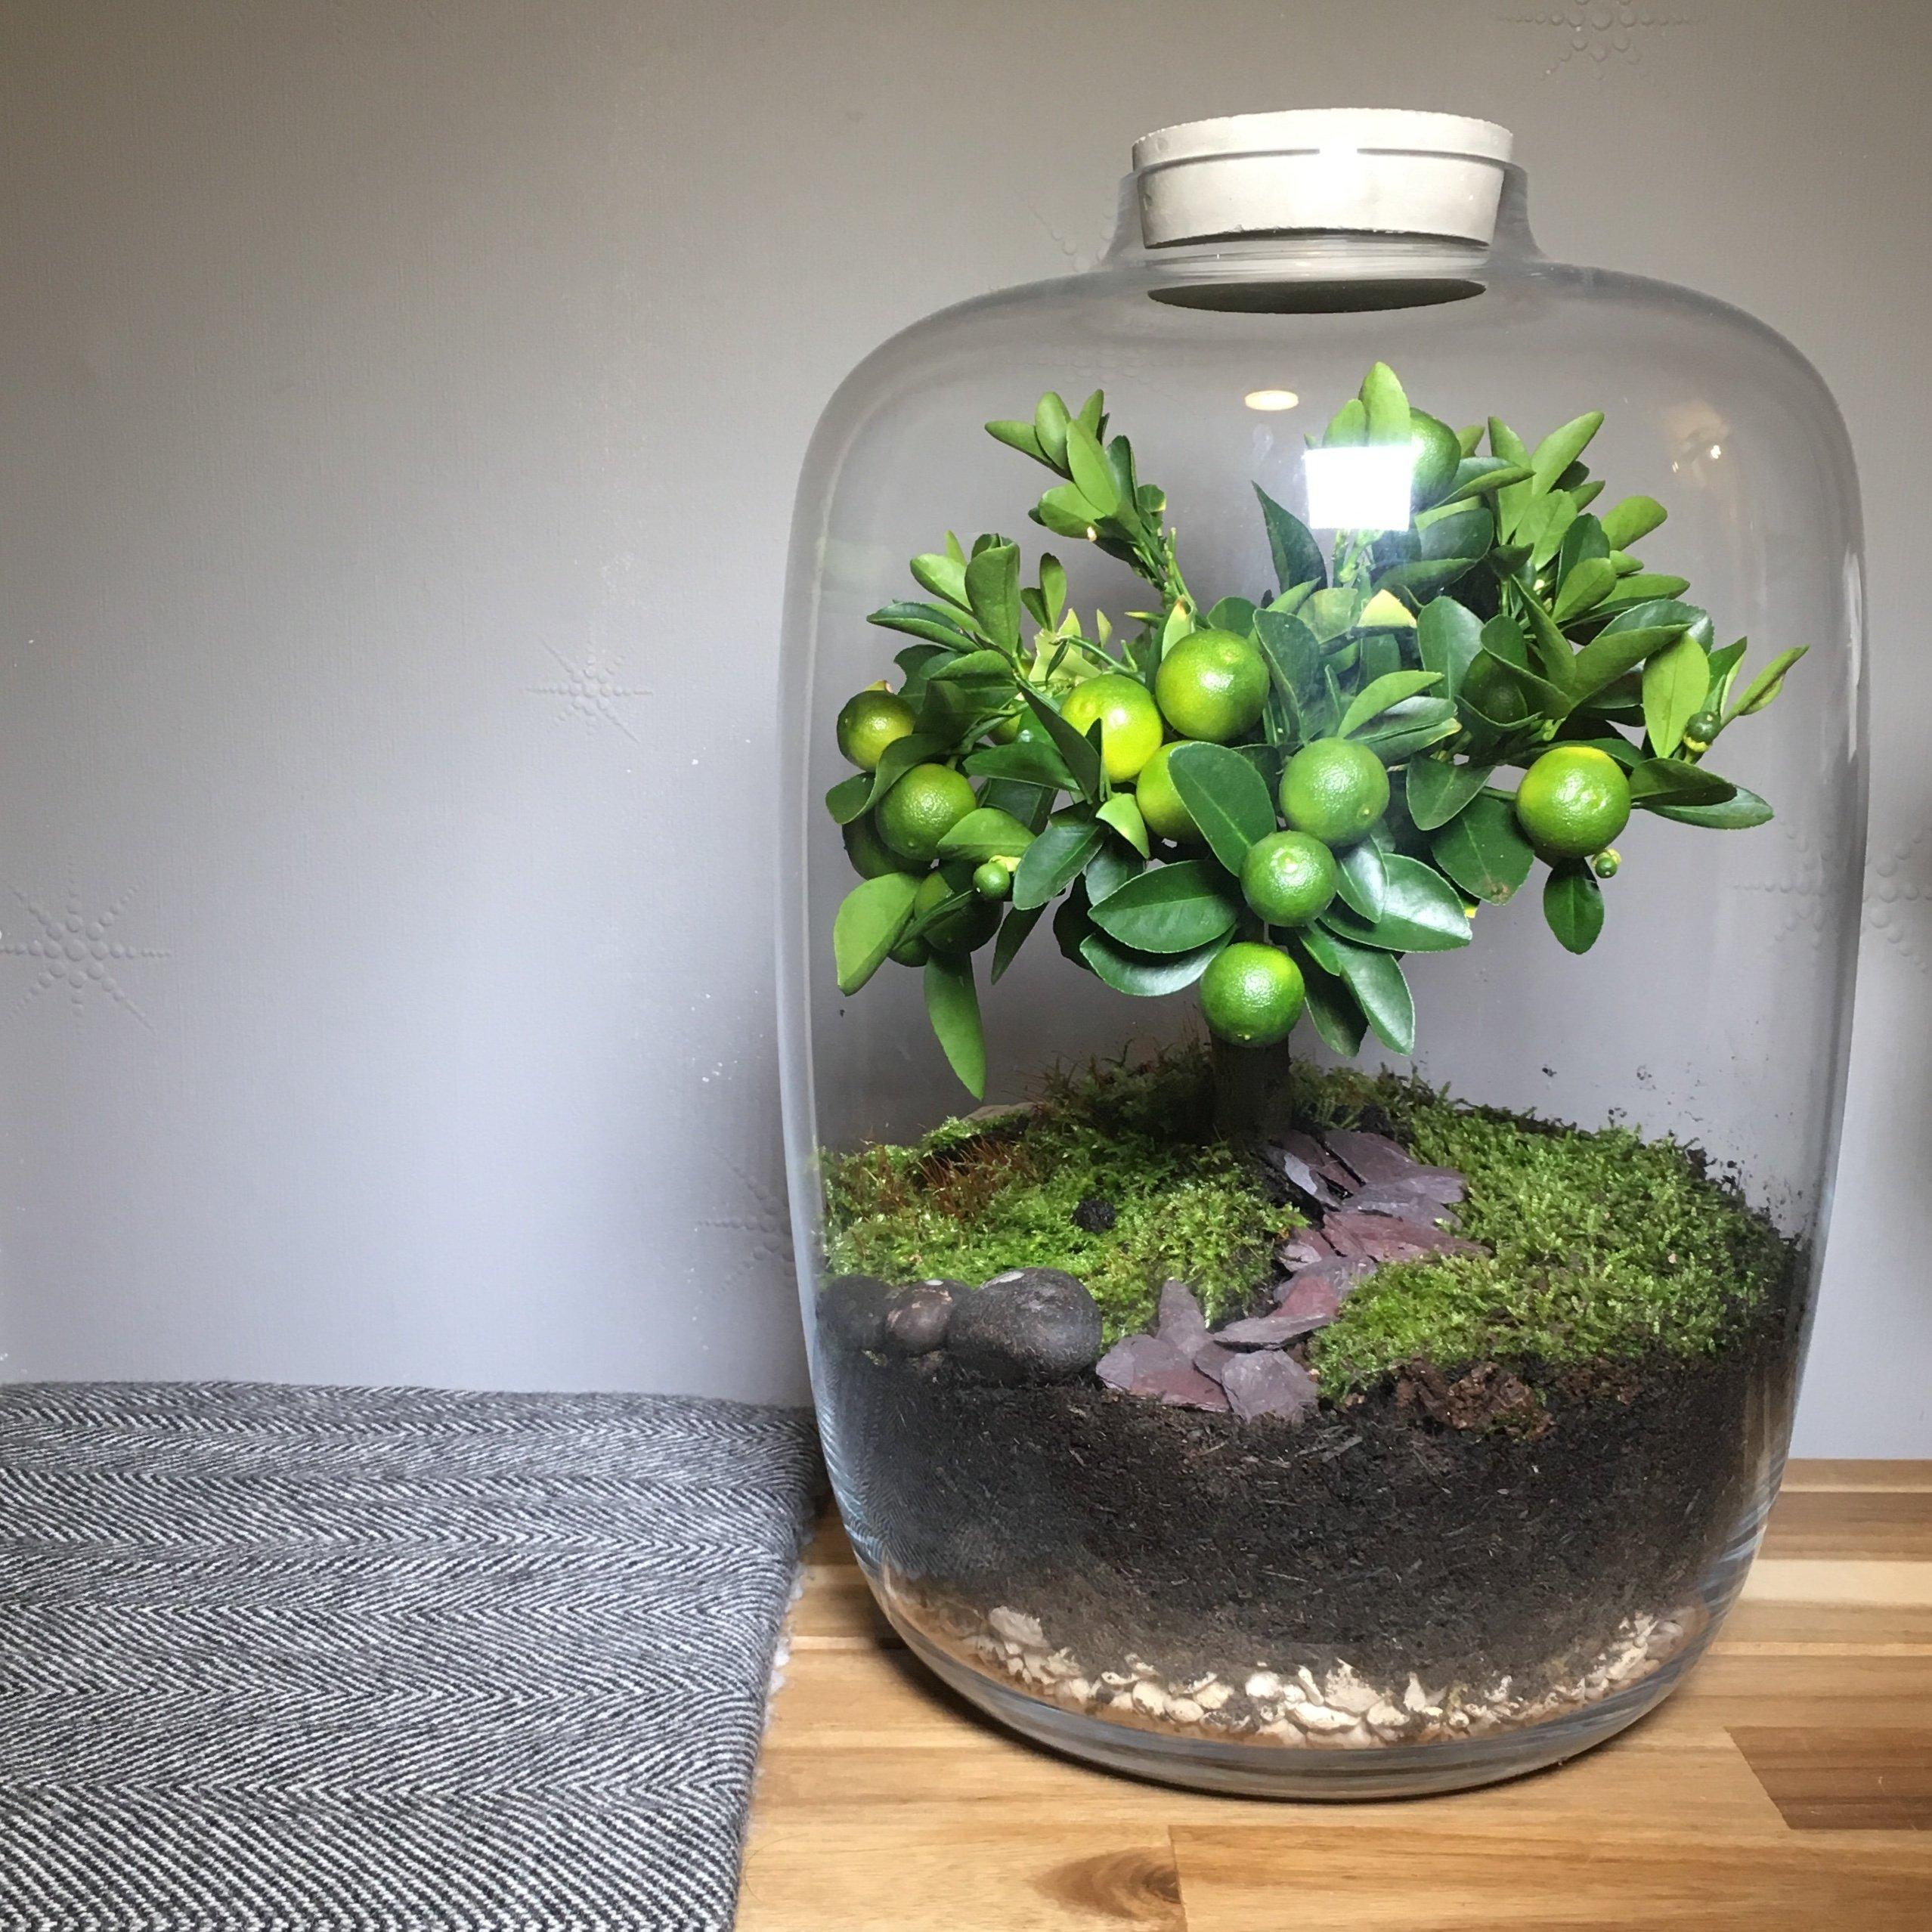 Kit de terrario de vidrio transparente con parte superior redonda para hormigón, maceta para flores, para interior y exterior, jarrón para centro de mesa, fittonia, helecho, musgo, bonsái, plantas: Amazon.es: Jardín